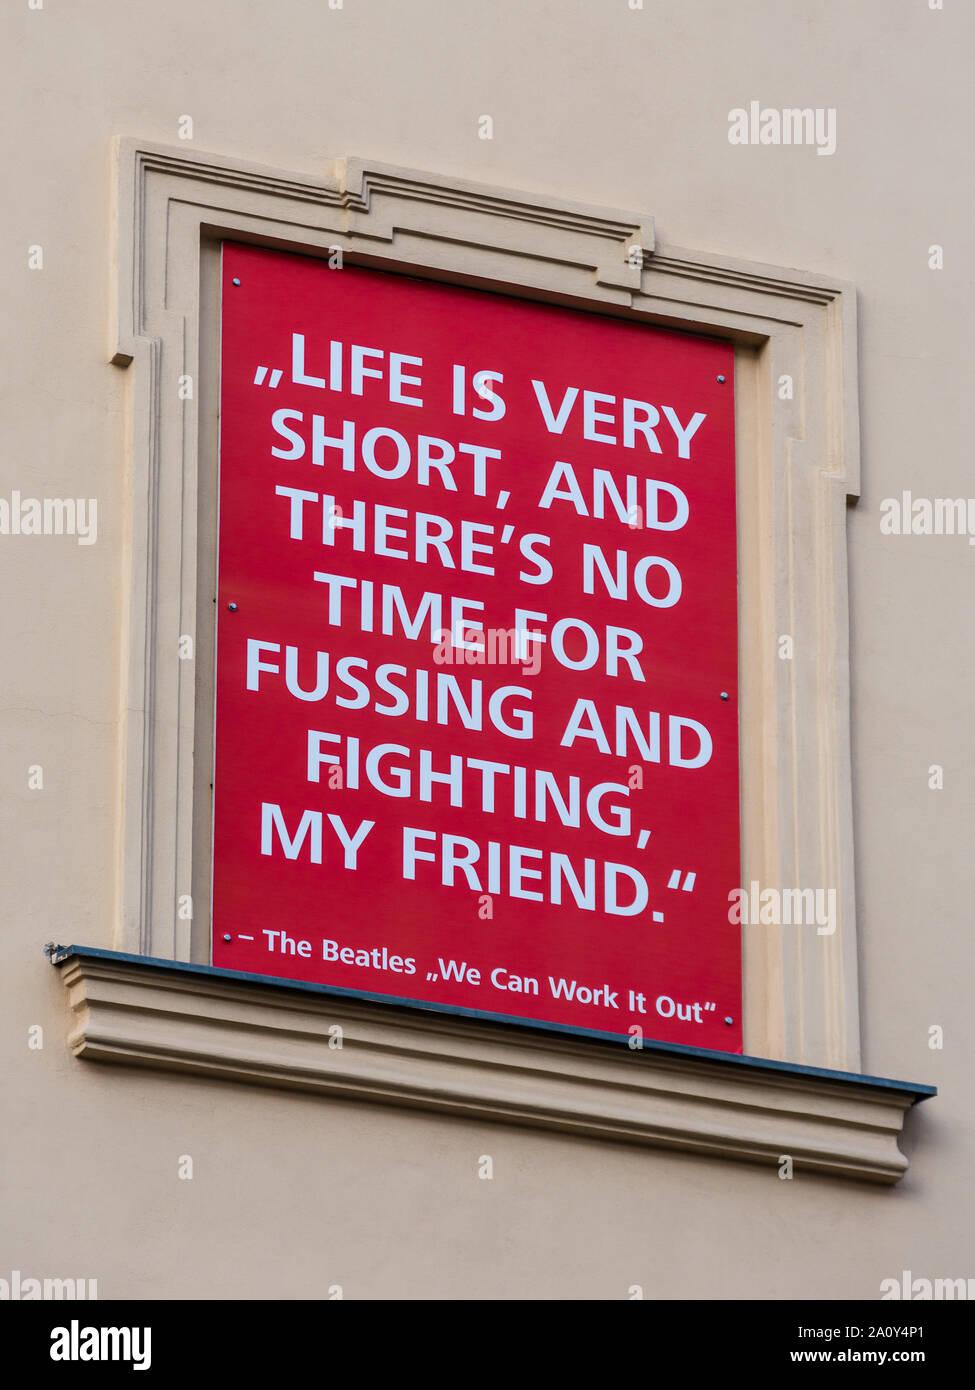 Beatles 'La vie est très courte...' de chansons sur l'écran de sélection dans le quartier des musées de Vienne, Autriche. Banque D'Images